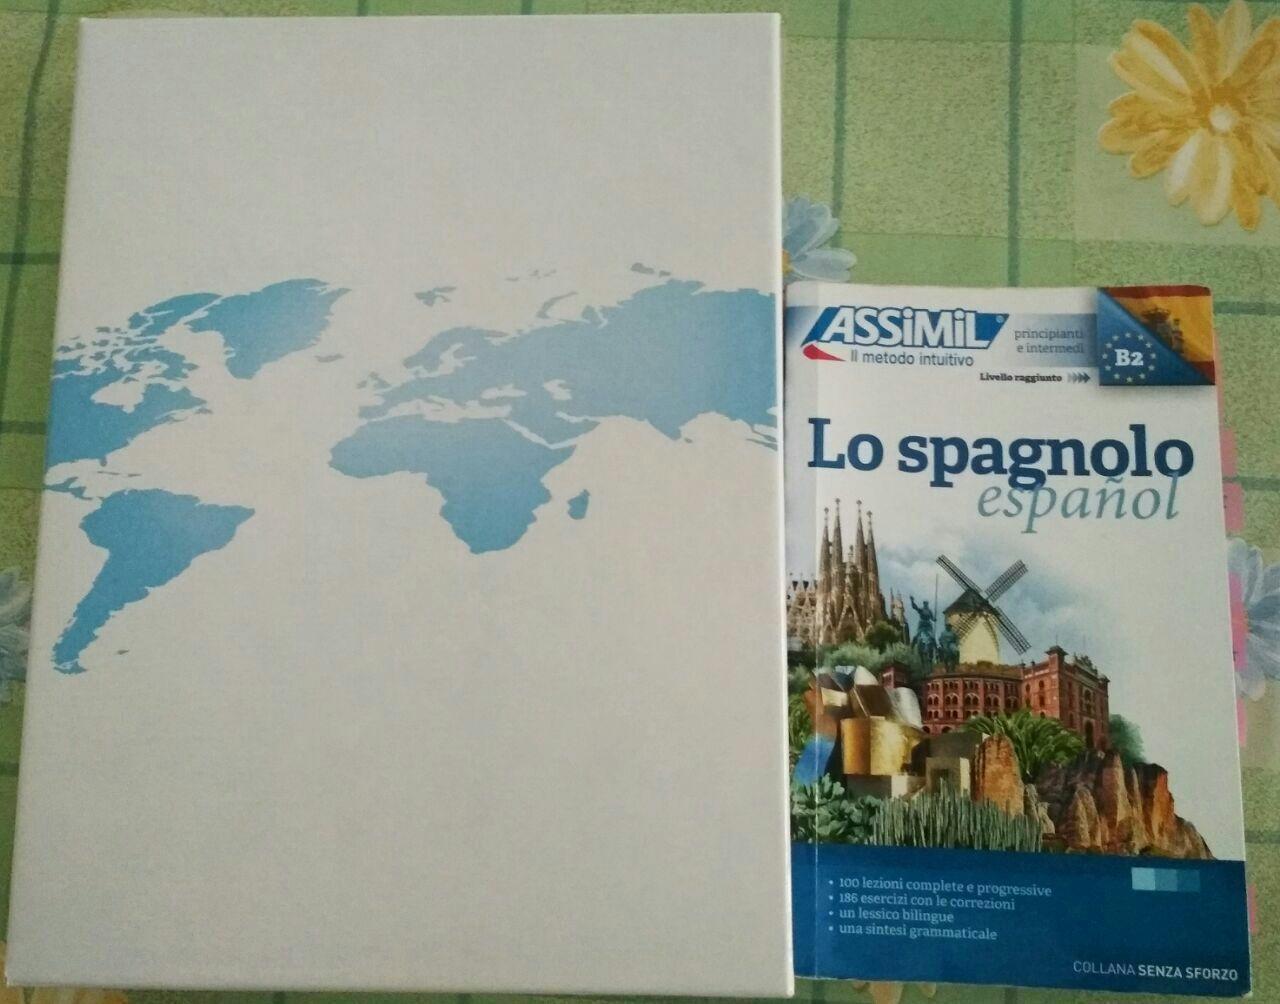 Spagnolo Espanol (5)